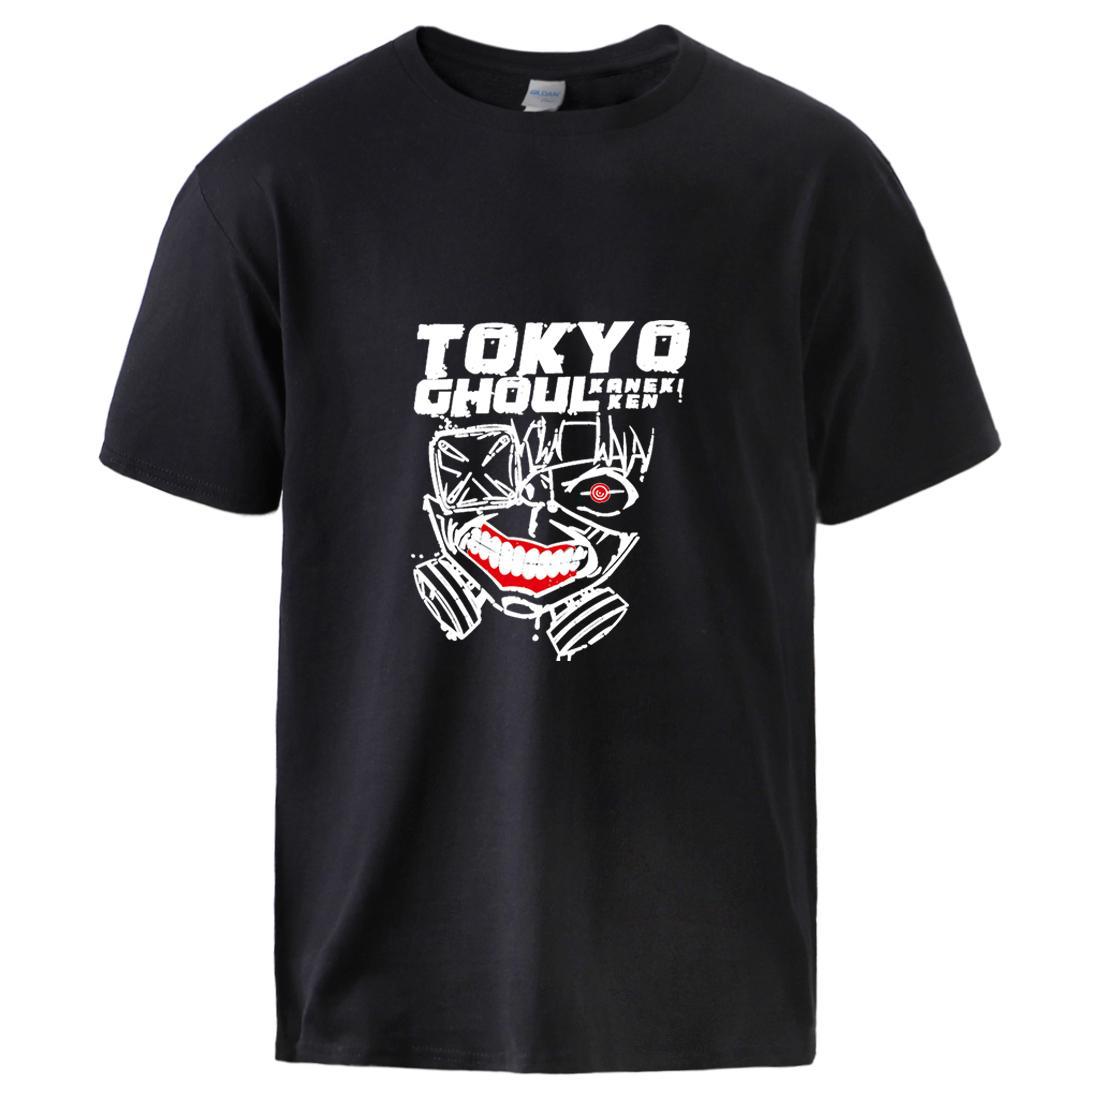 Tokyo Ghoul Print T-Shirts für Männer Sommer Kurzarm Baumwolle T-Shirts 2020 Fashion Mann Hip Hop Street Outwear Schwarz Tops